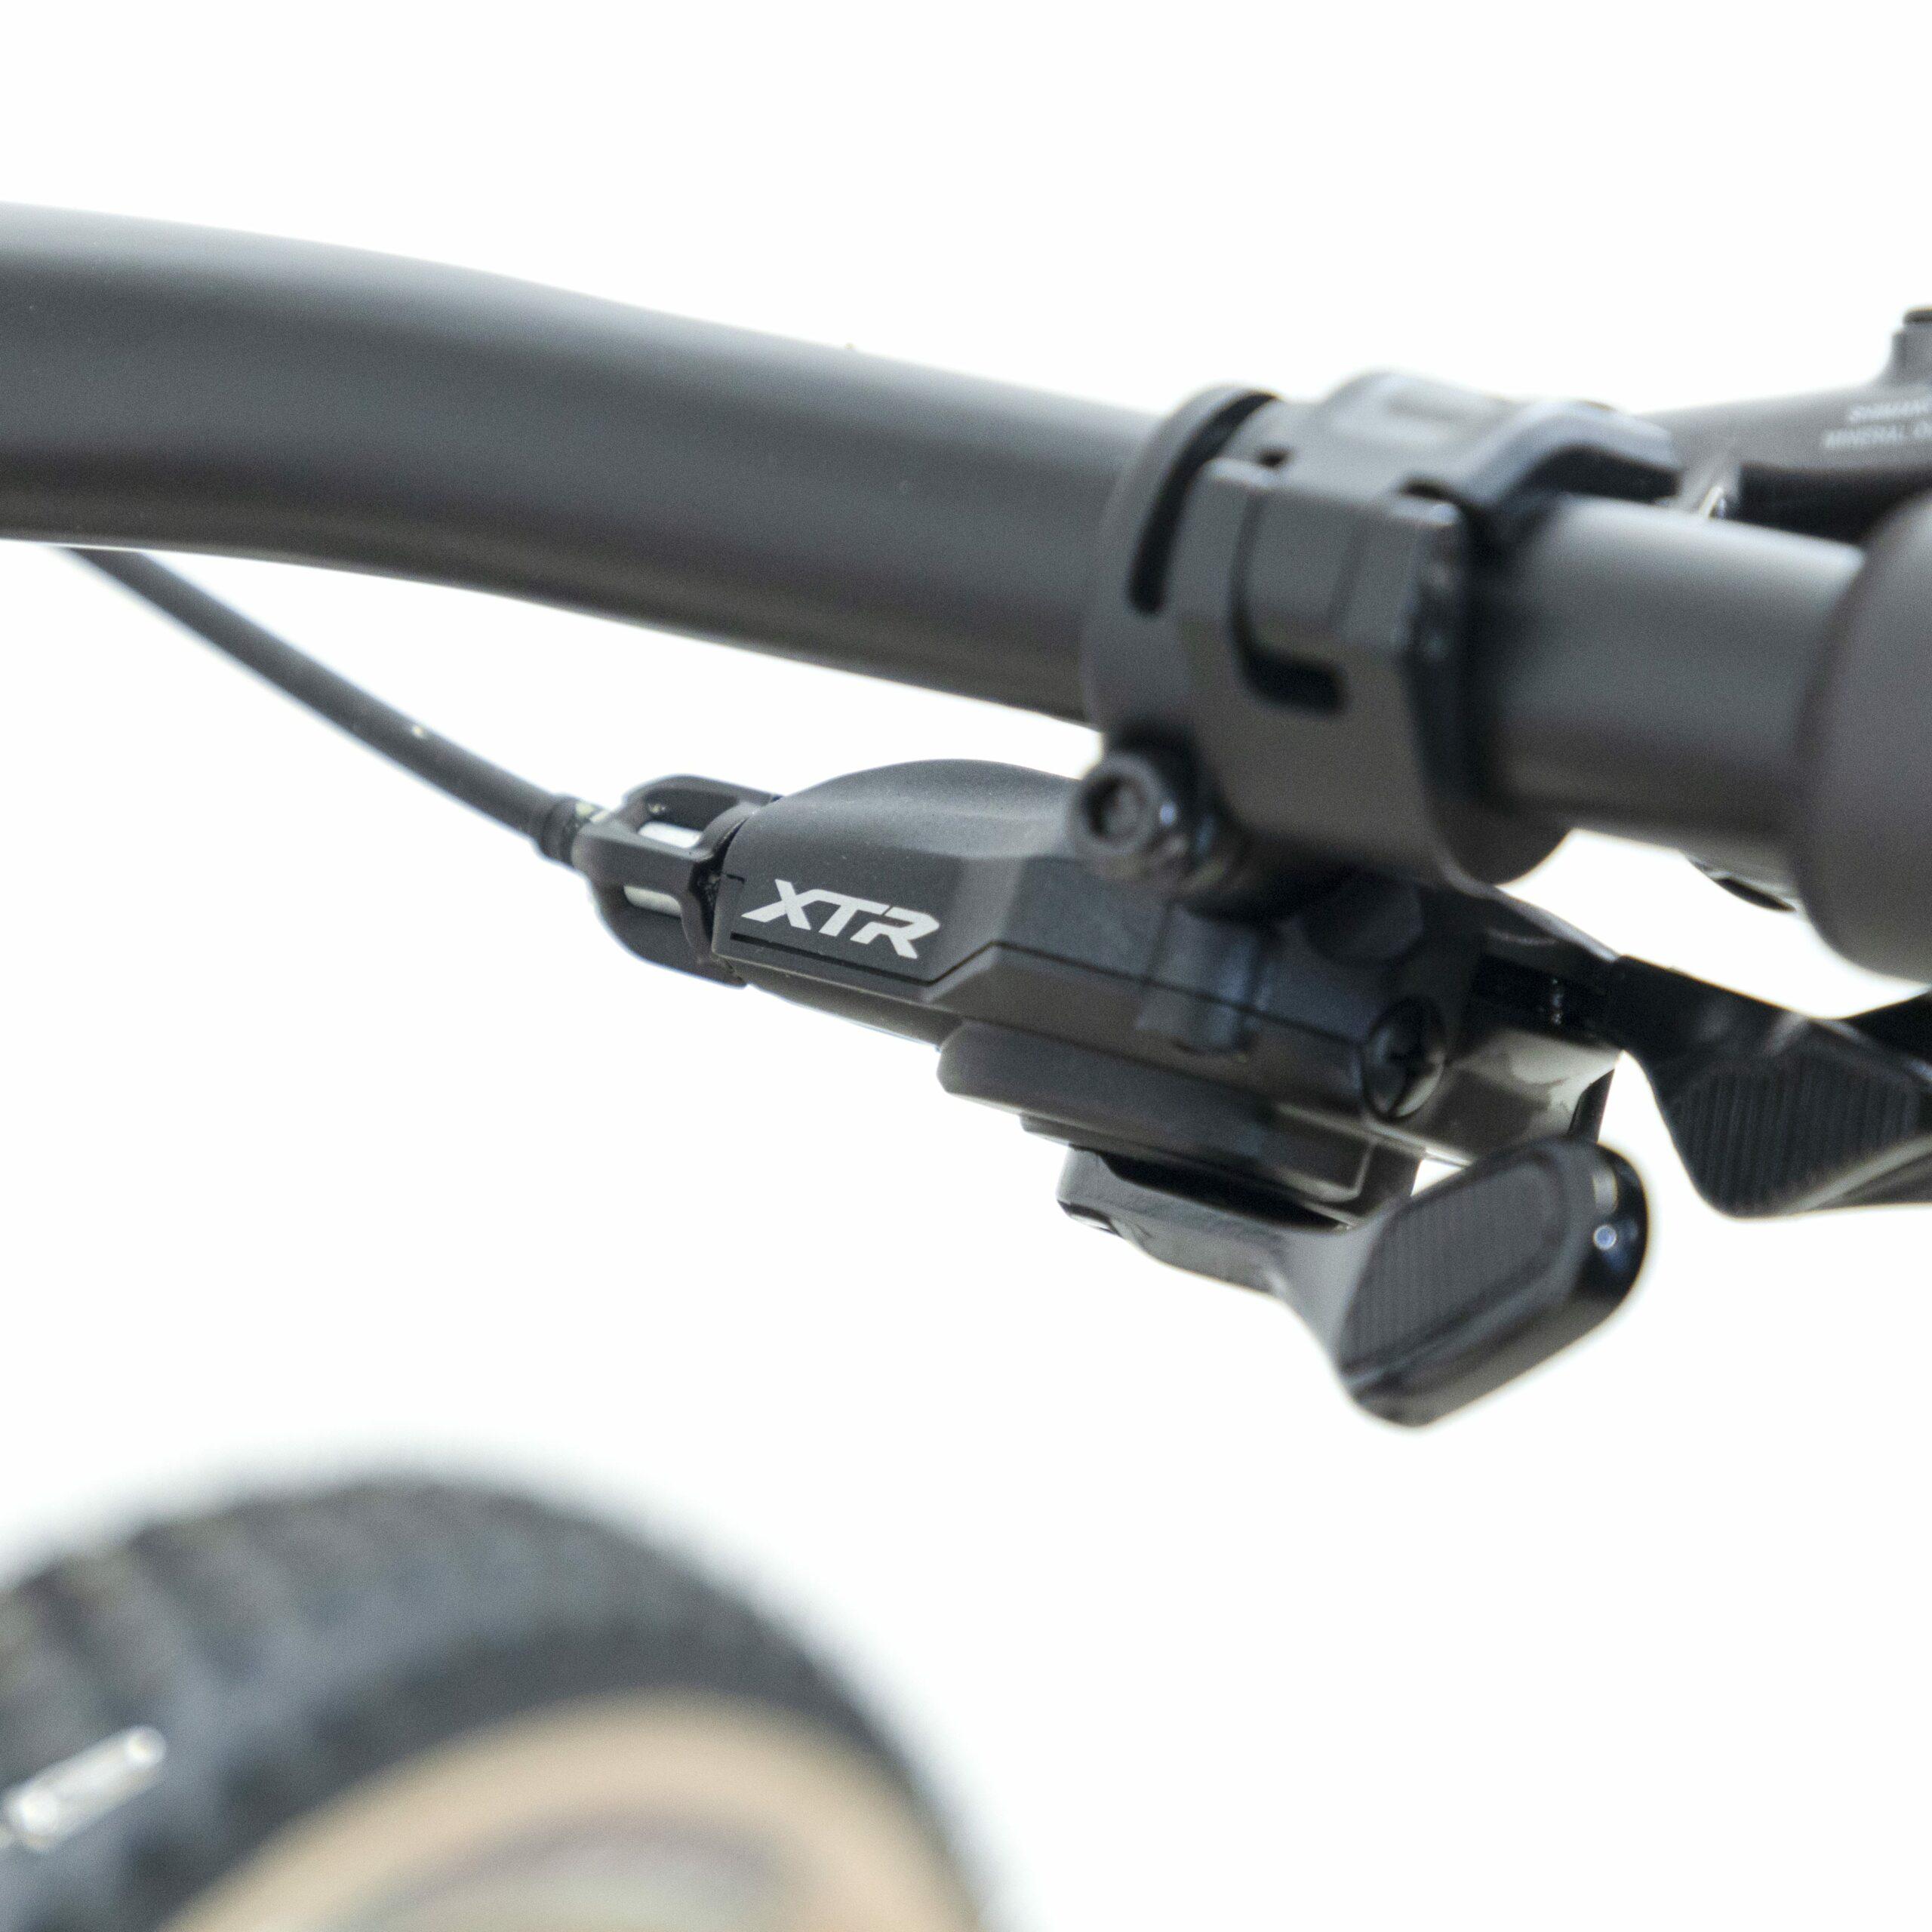 Bicicleta TSW Evo Quest   Advanced-Recon 7